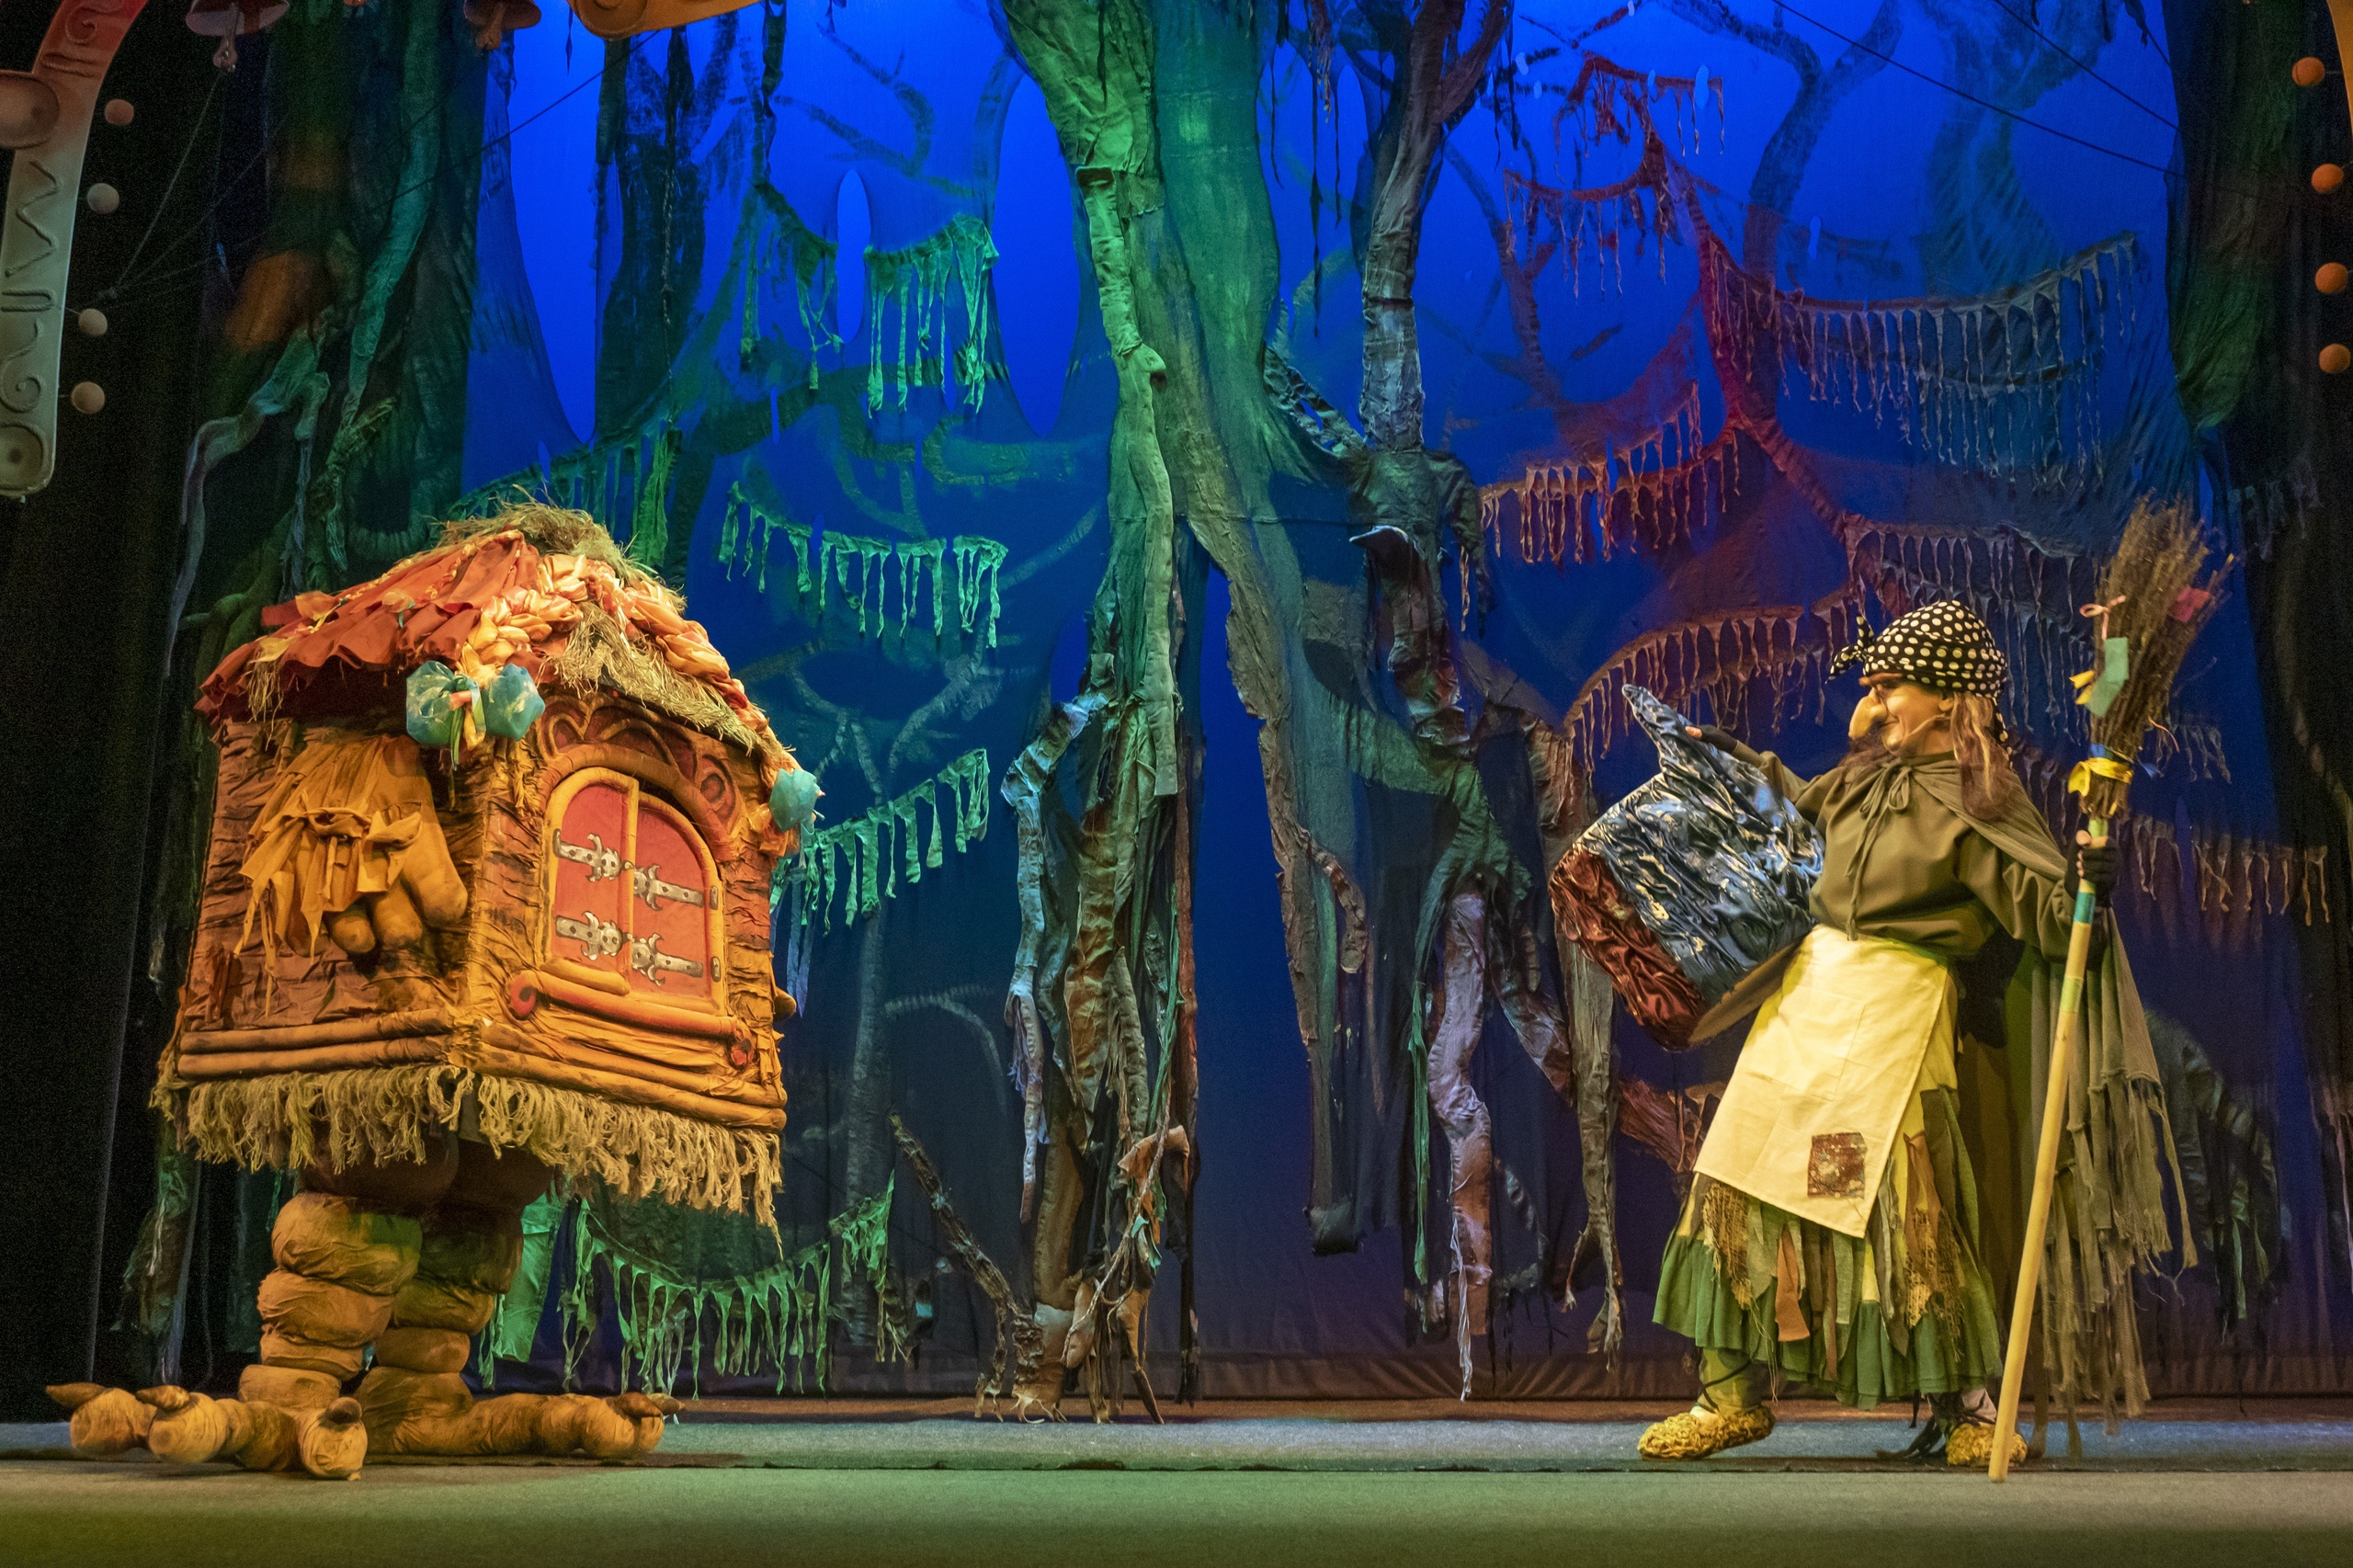 В Тверском театре кукол 31 декабря пройдет заключительный новогодний спектакль